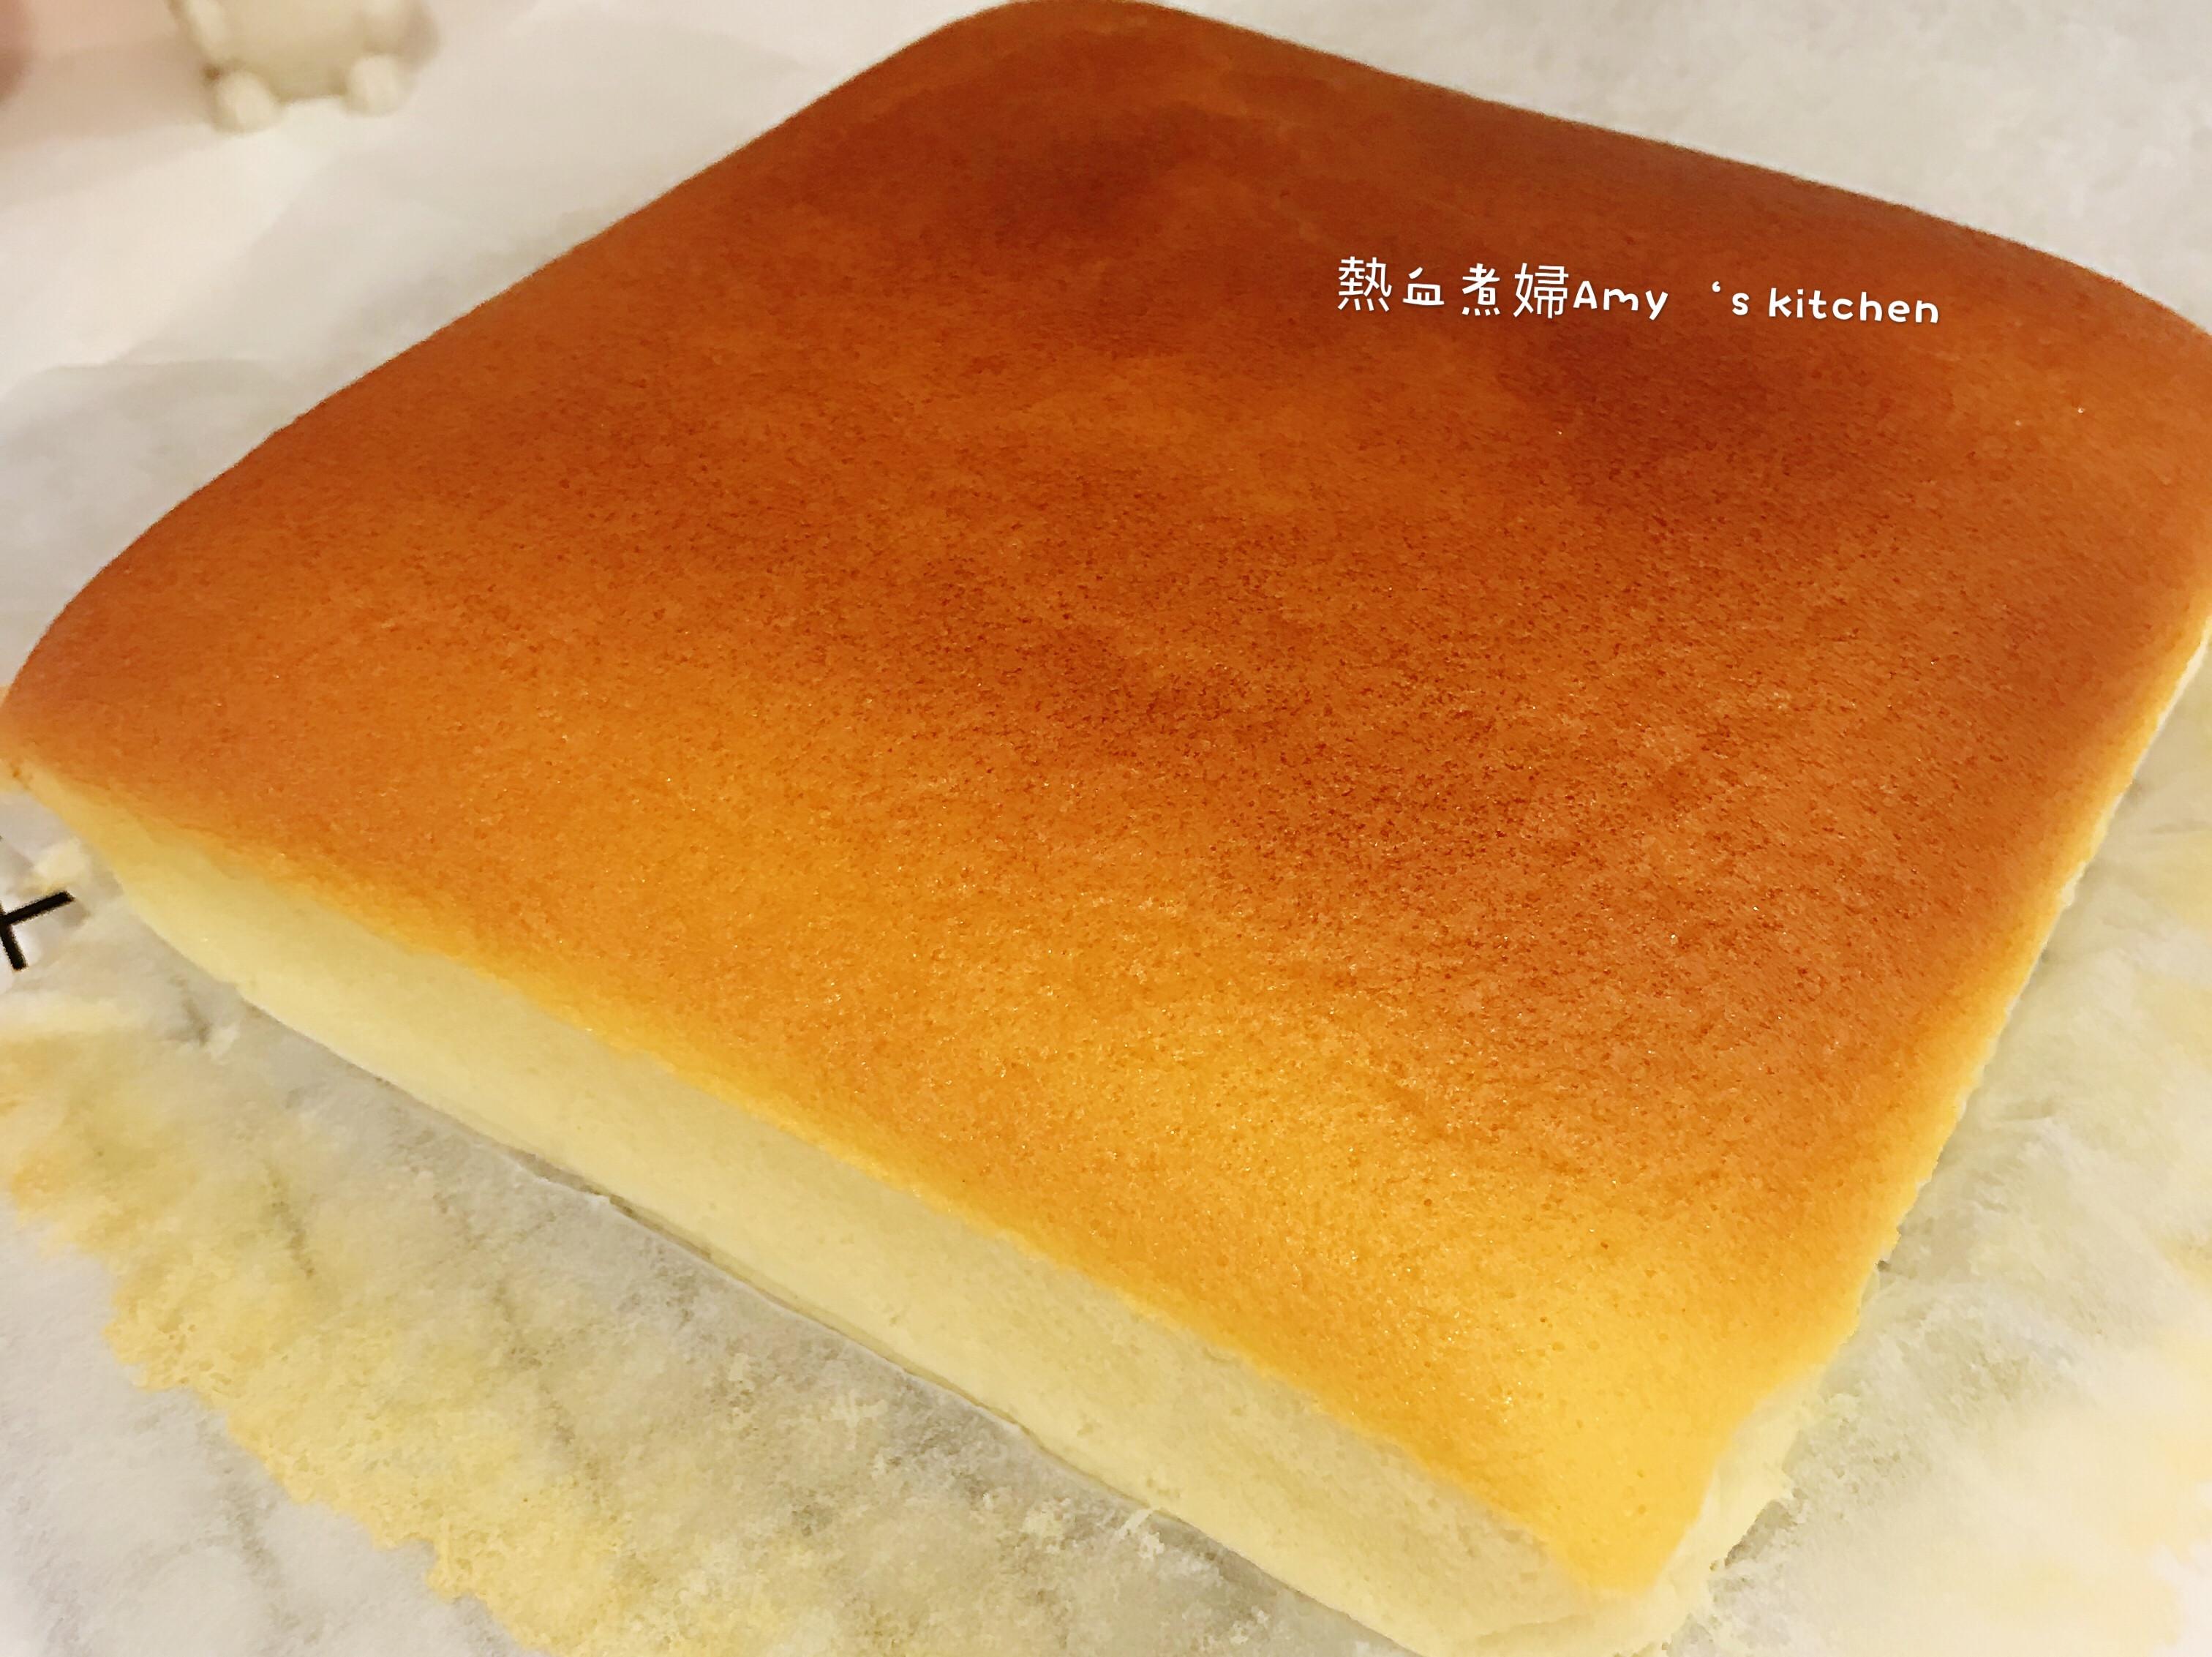 蜂蜜枕頭蛋糕